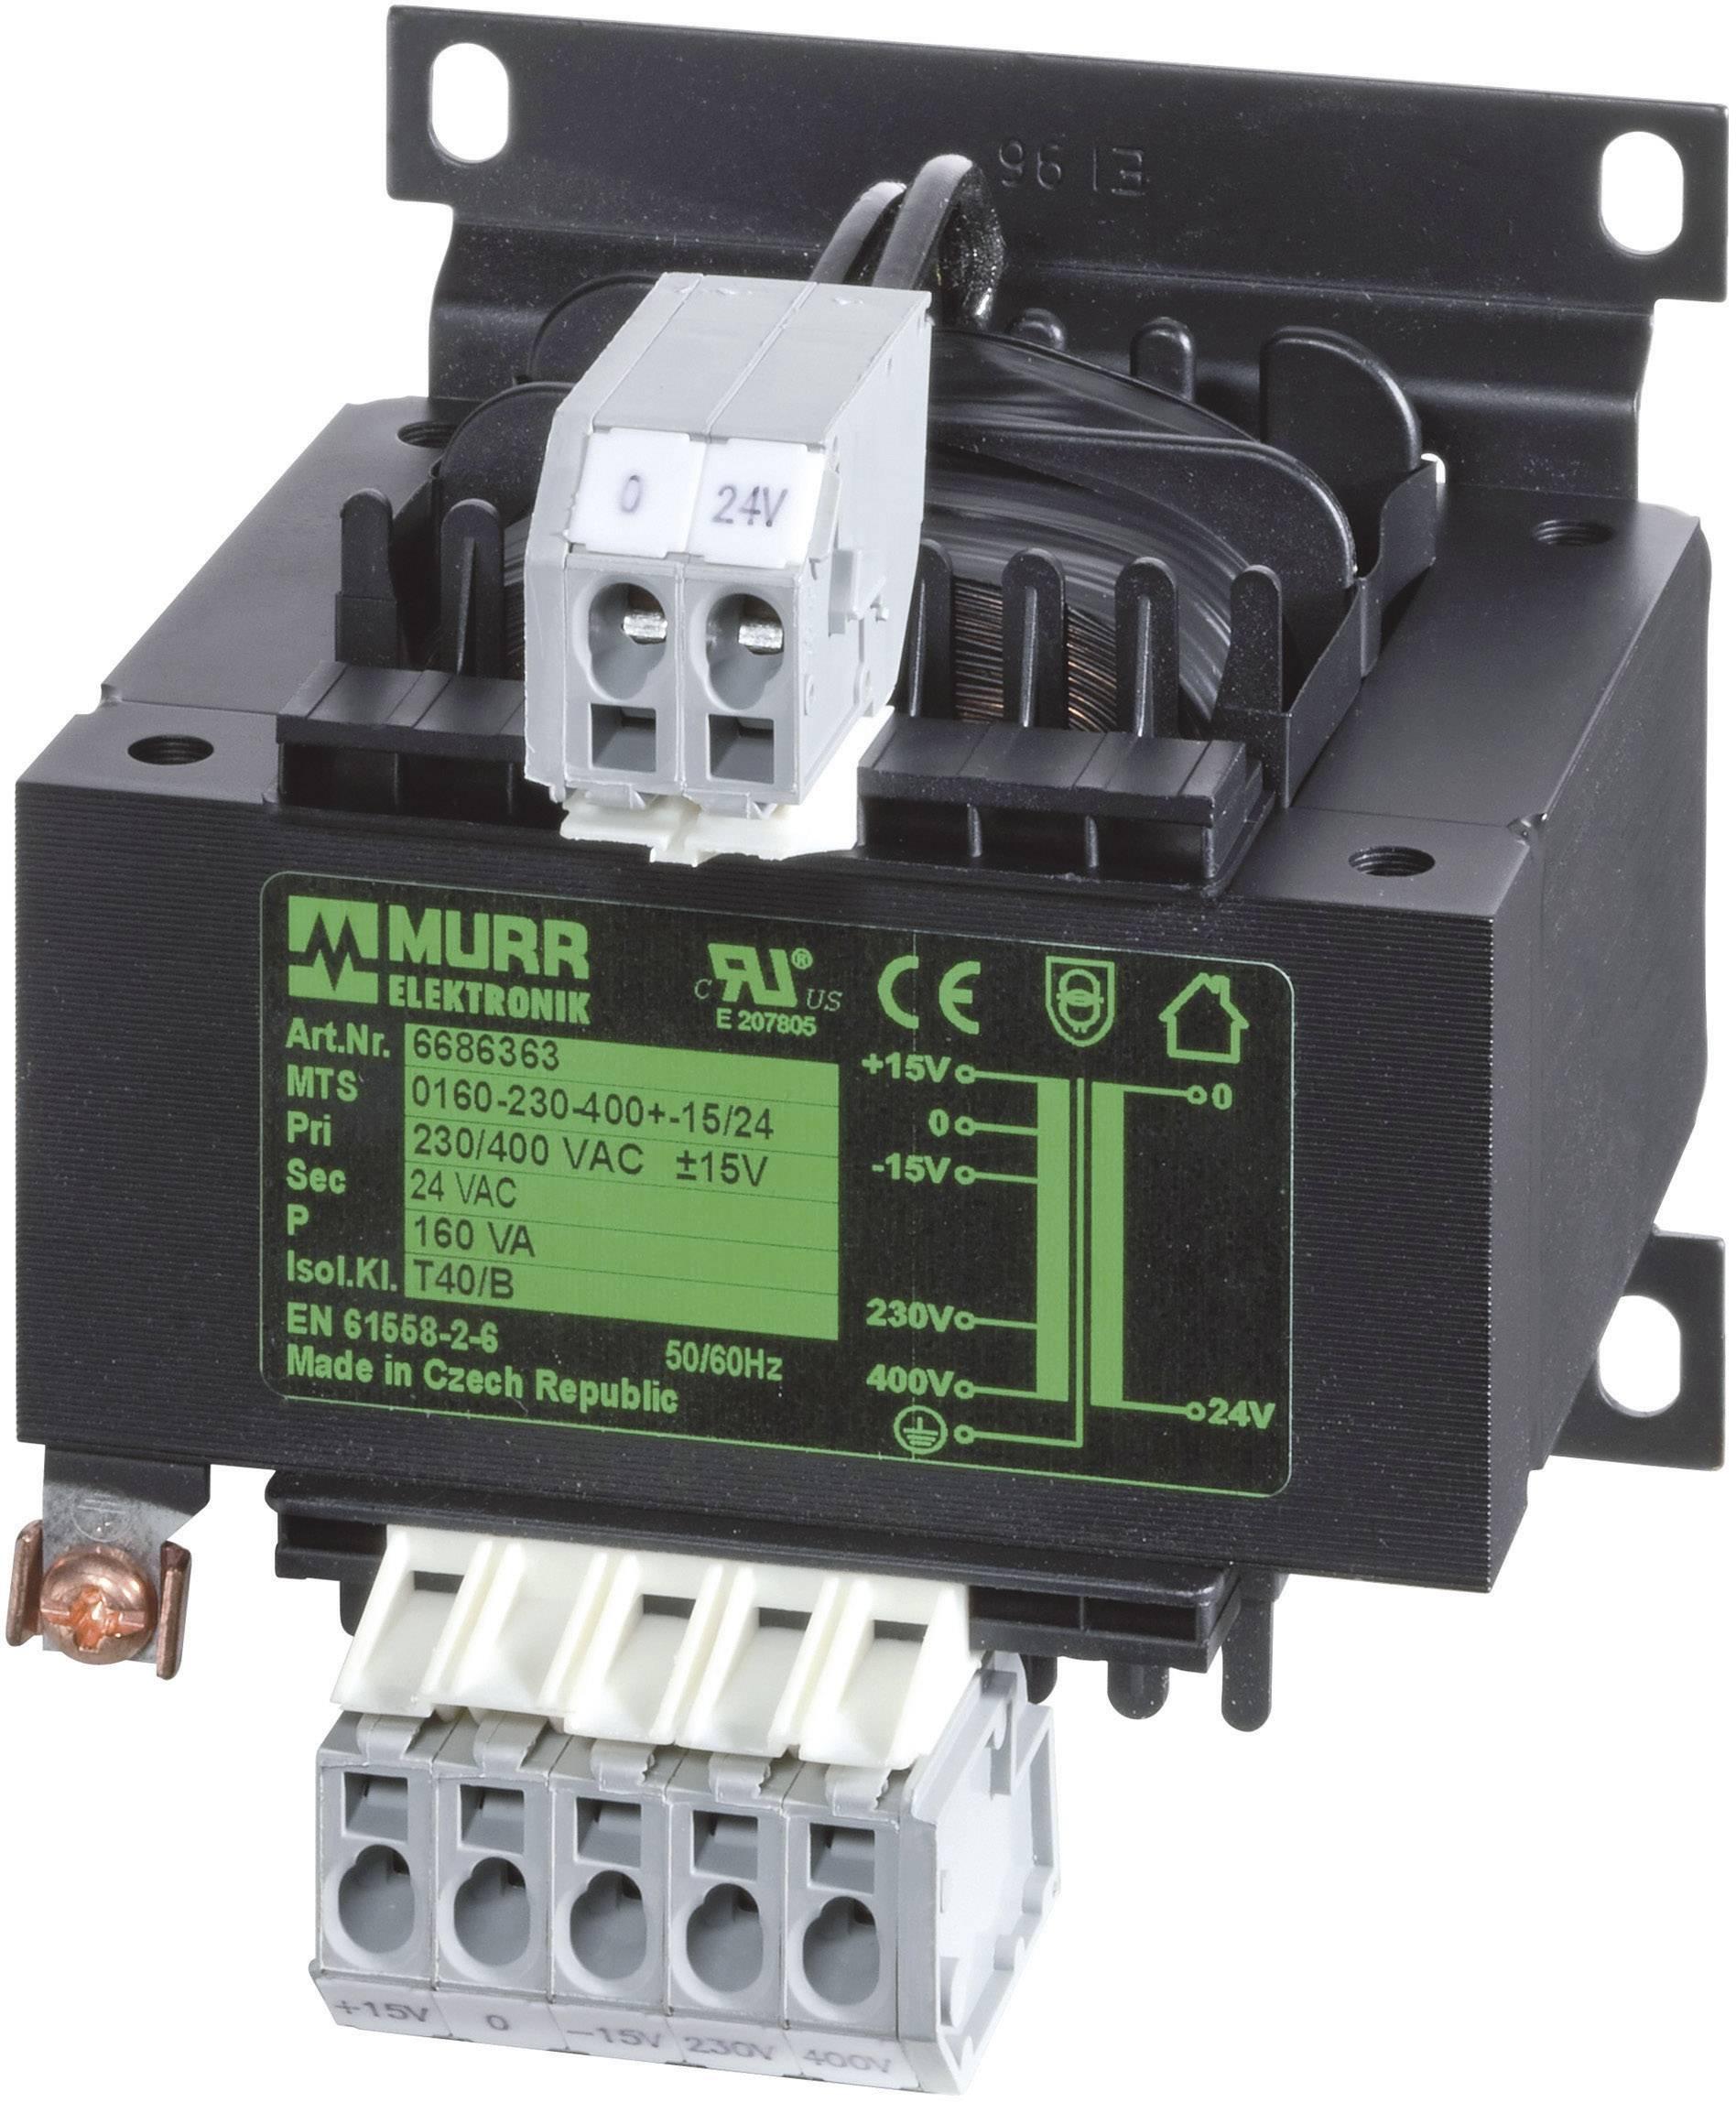 Bezpečnostní transformátor Murr MST, 230 V, 630 VA